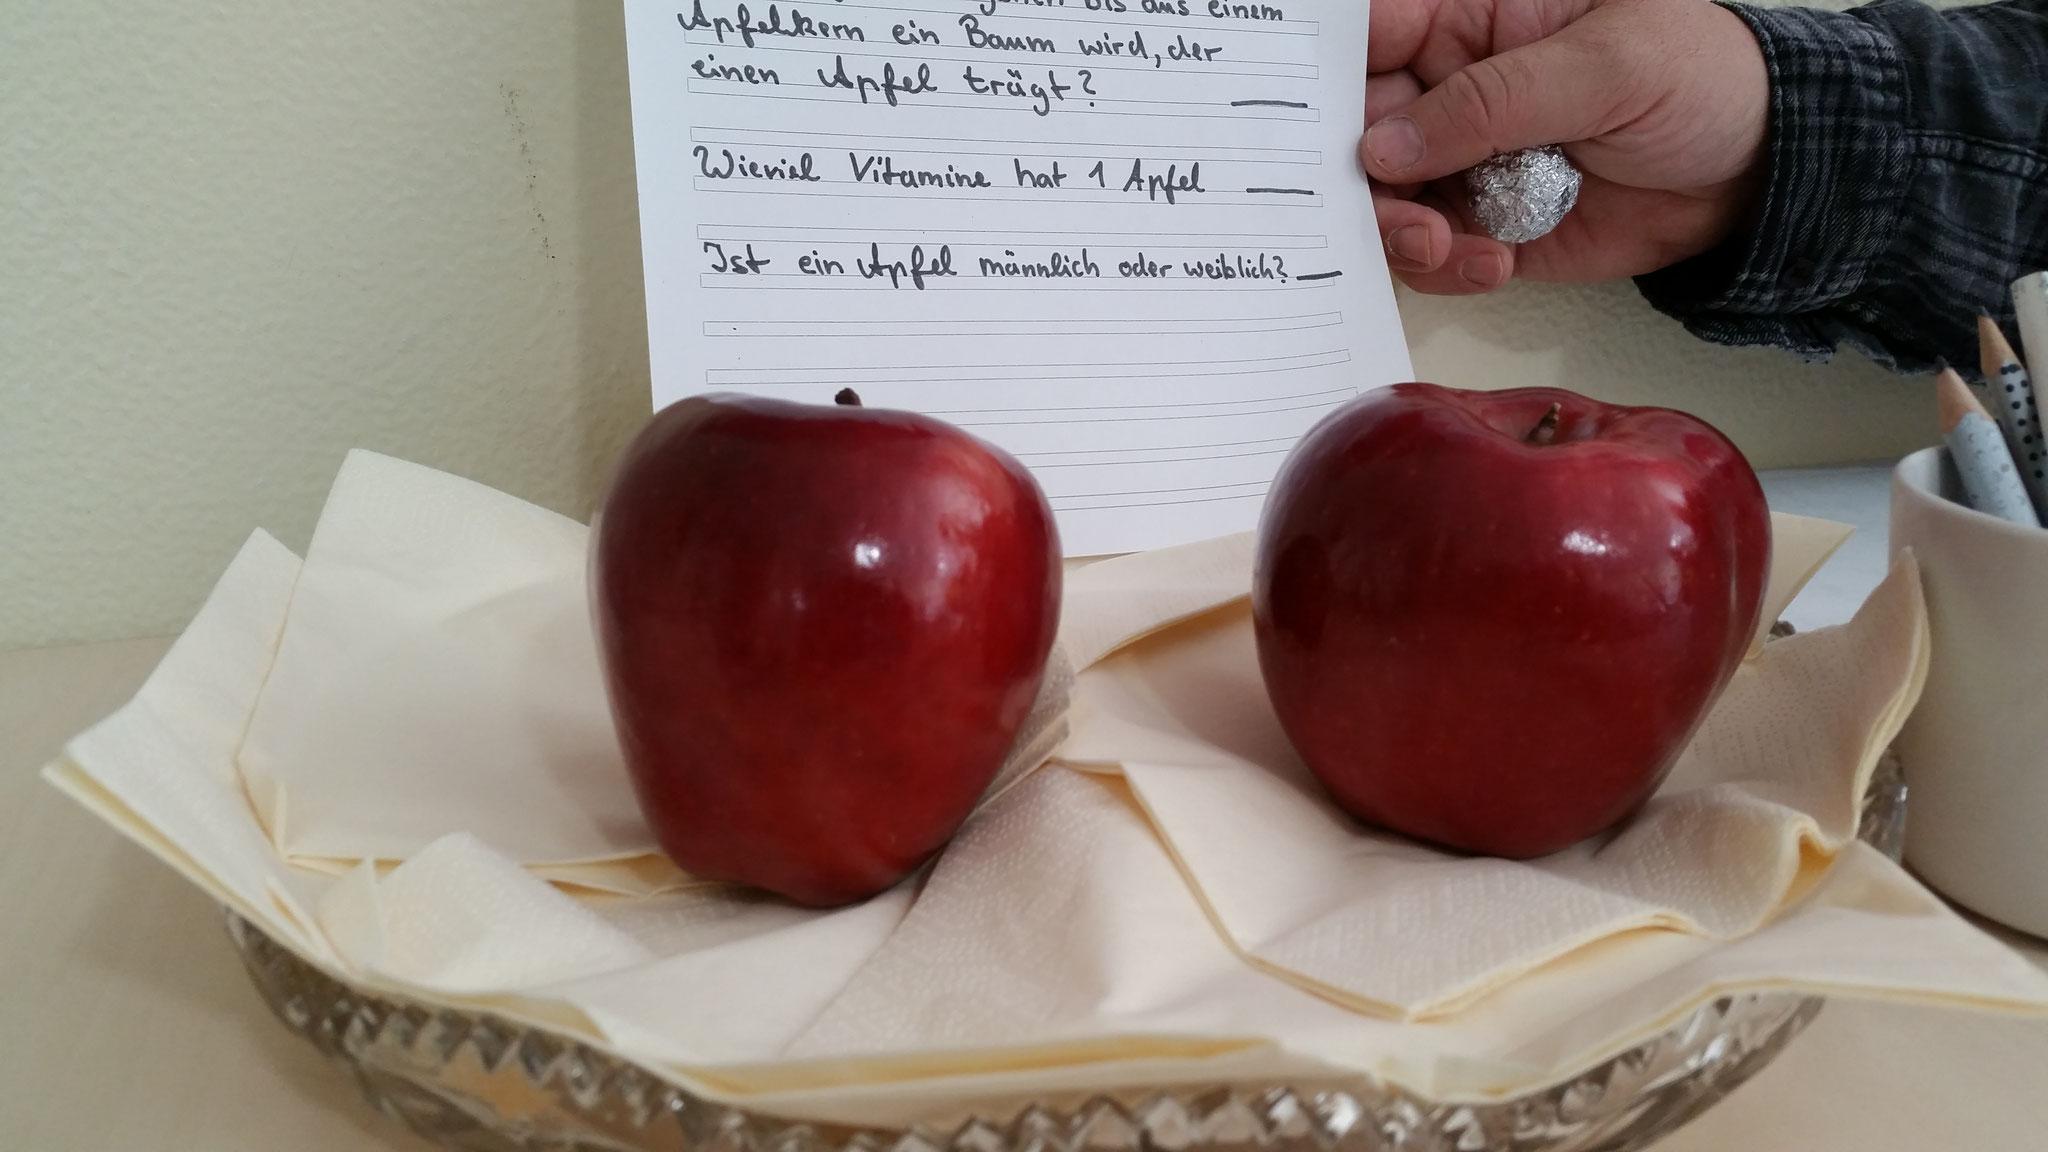 Die Preise für das Apfel- Rekorde-Quiz